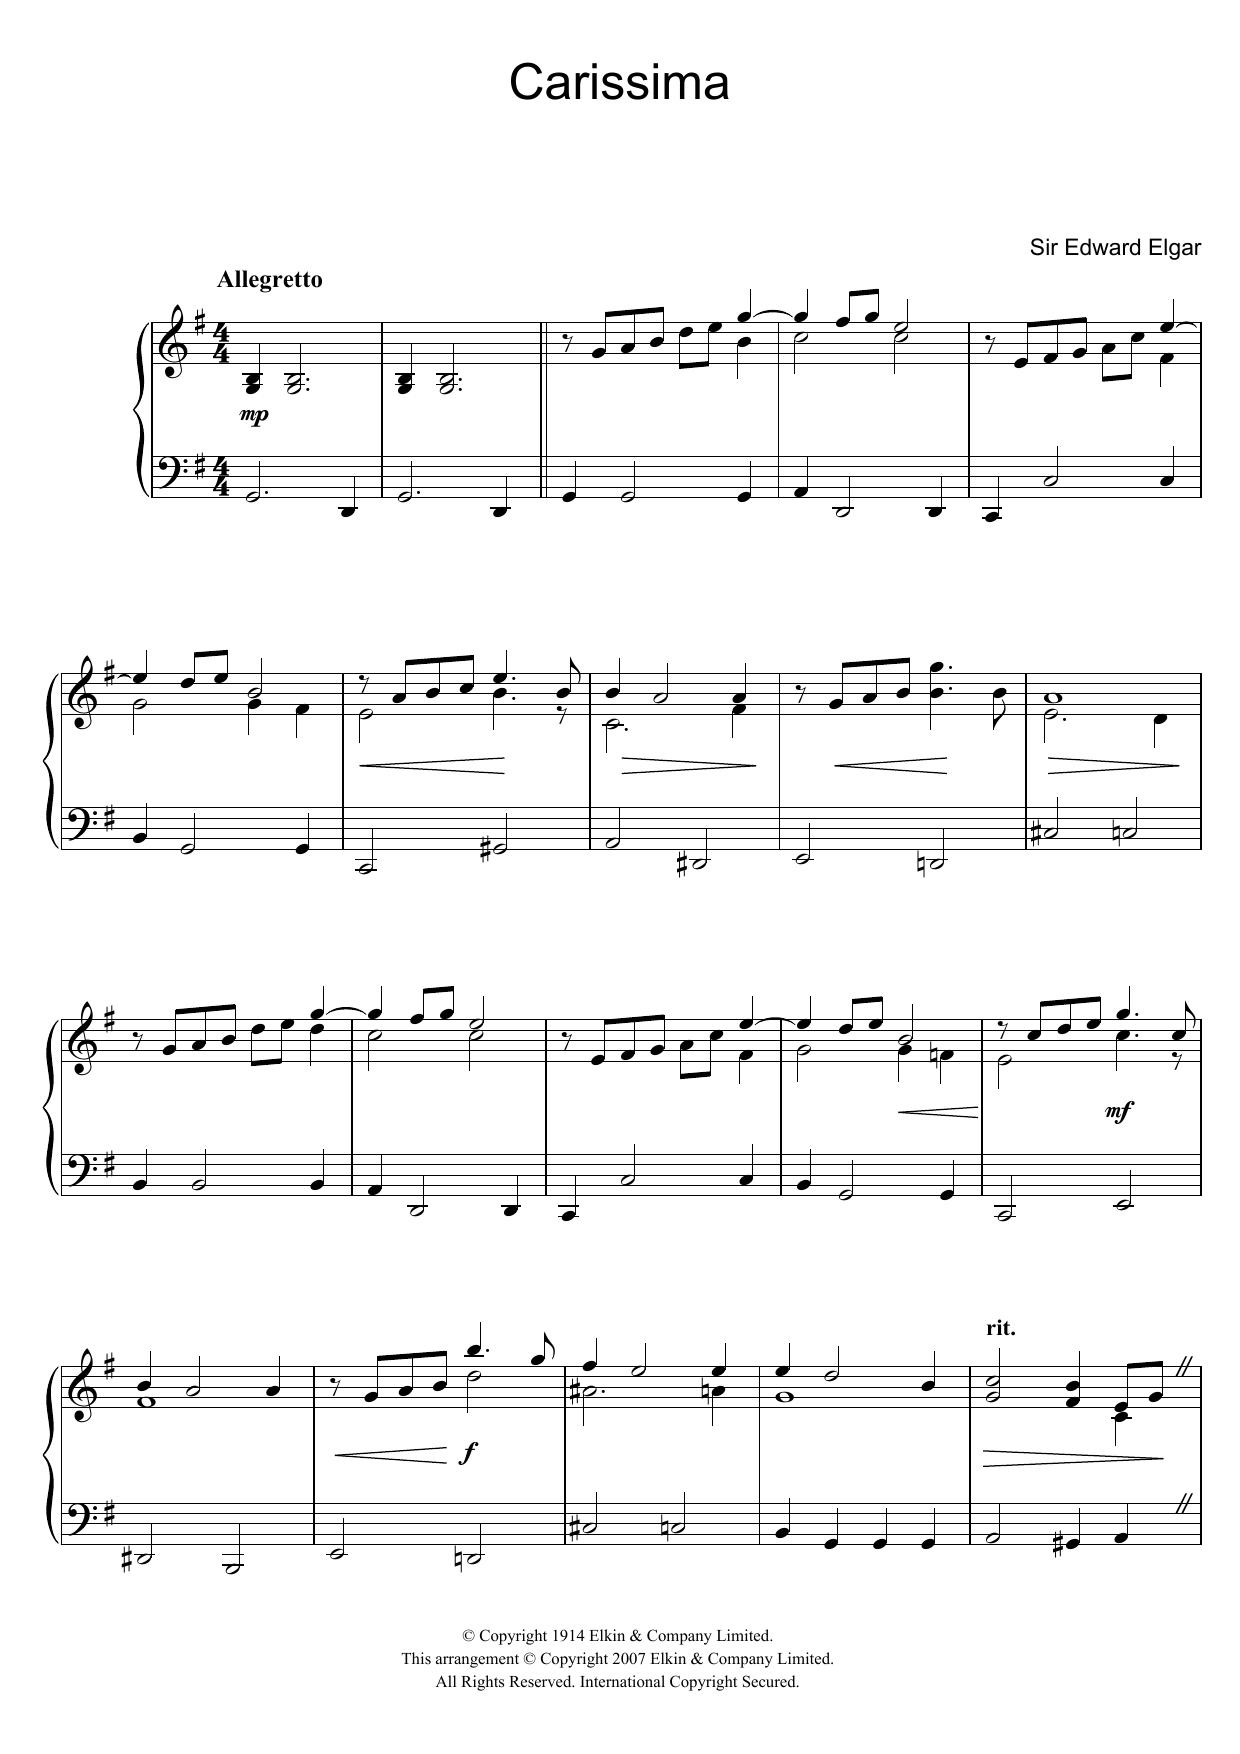 Carissima Sheet Music